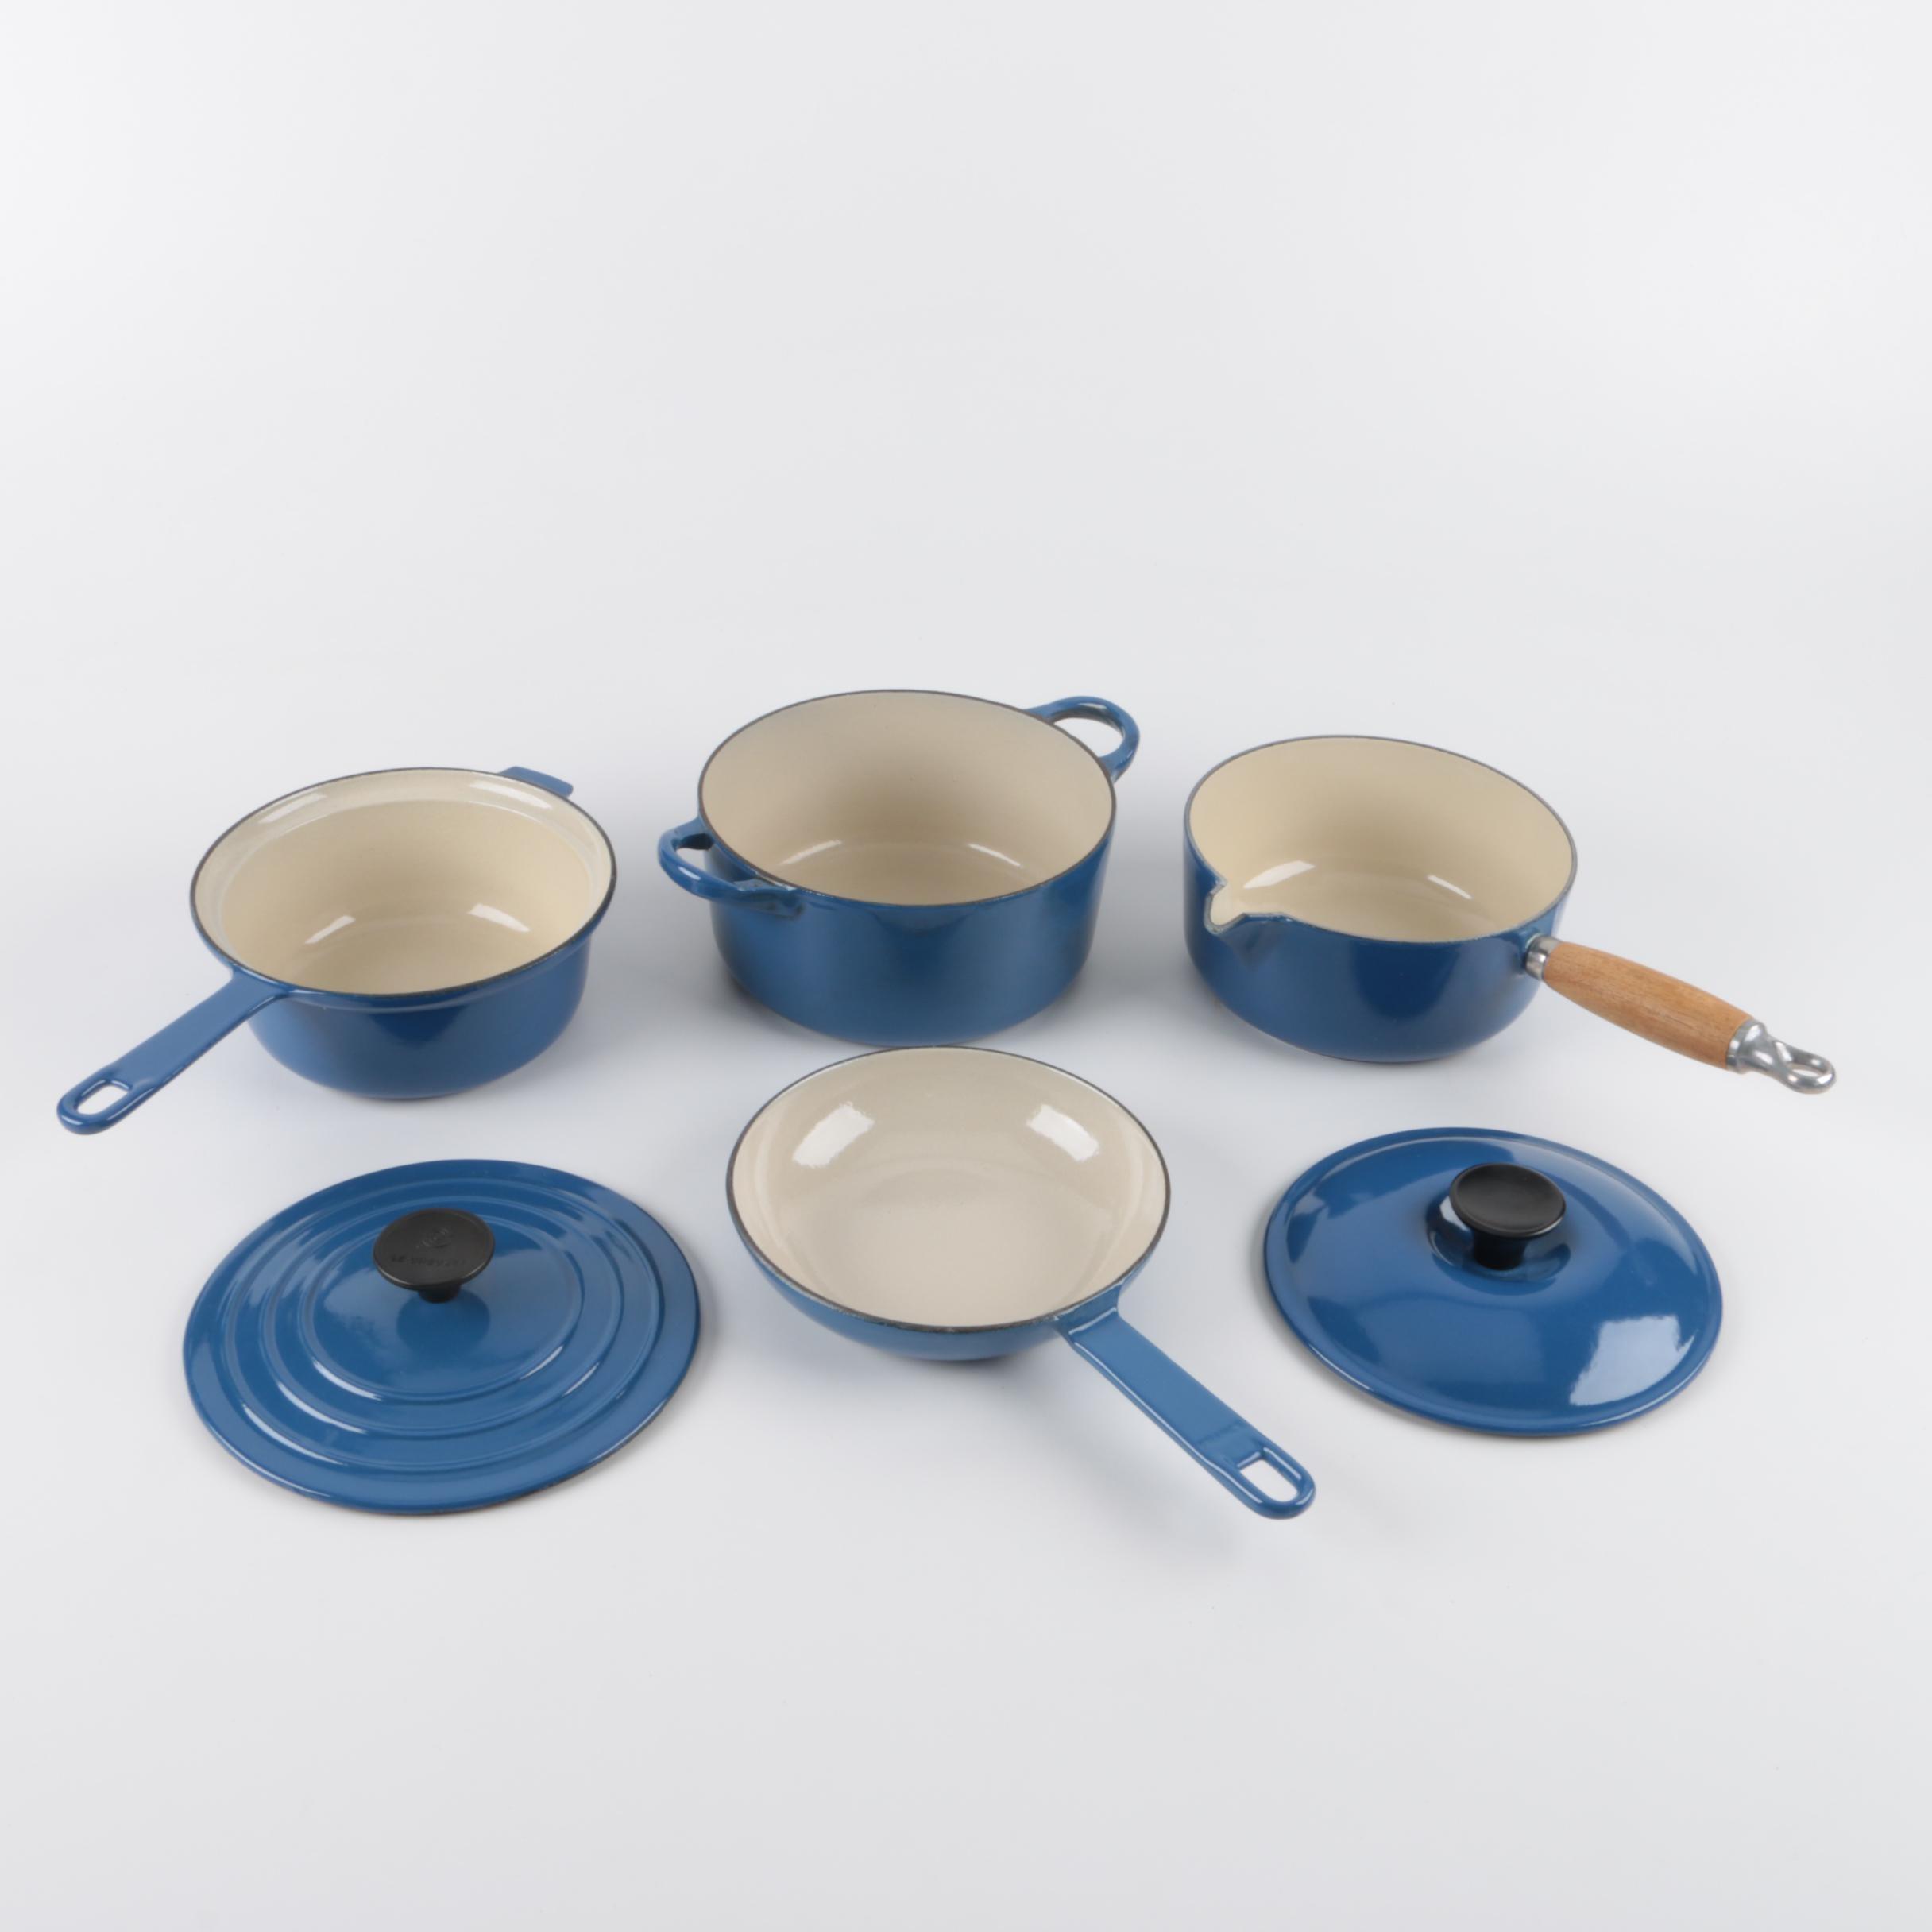 Le Creuset Blue Cast Enamel Cookware